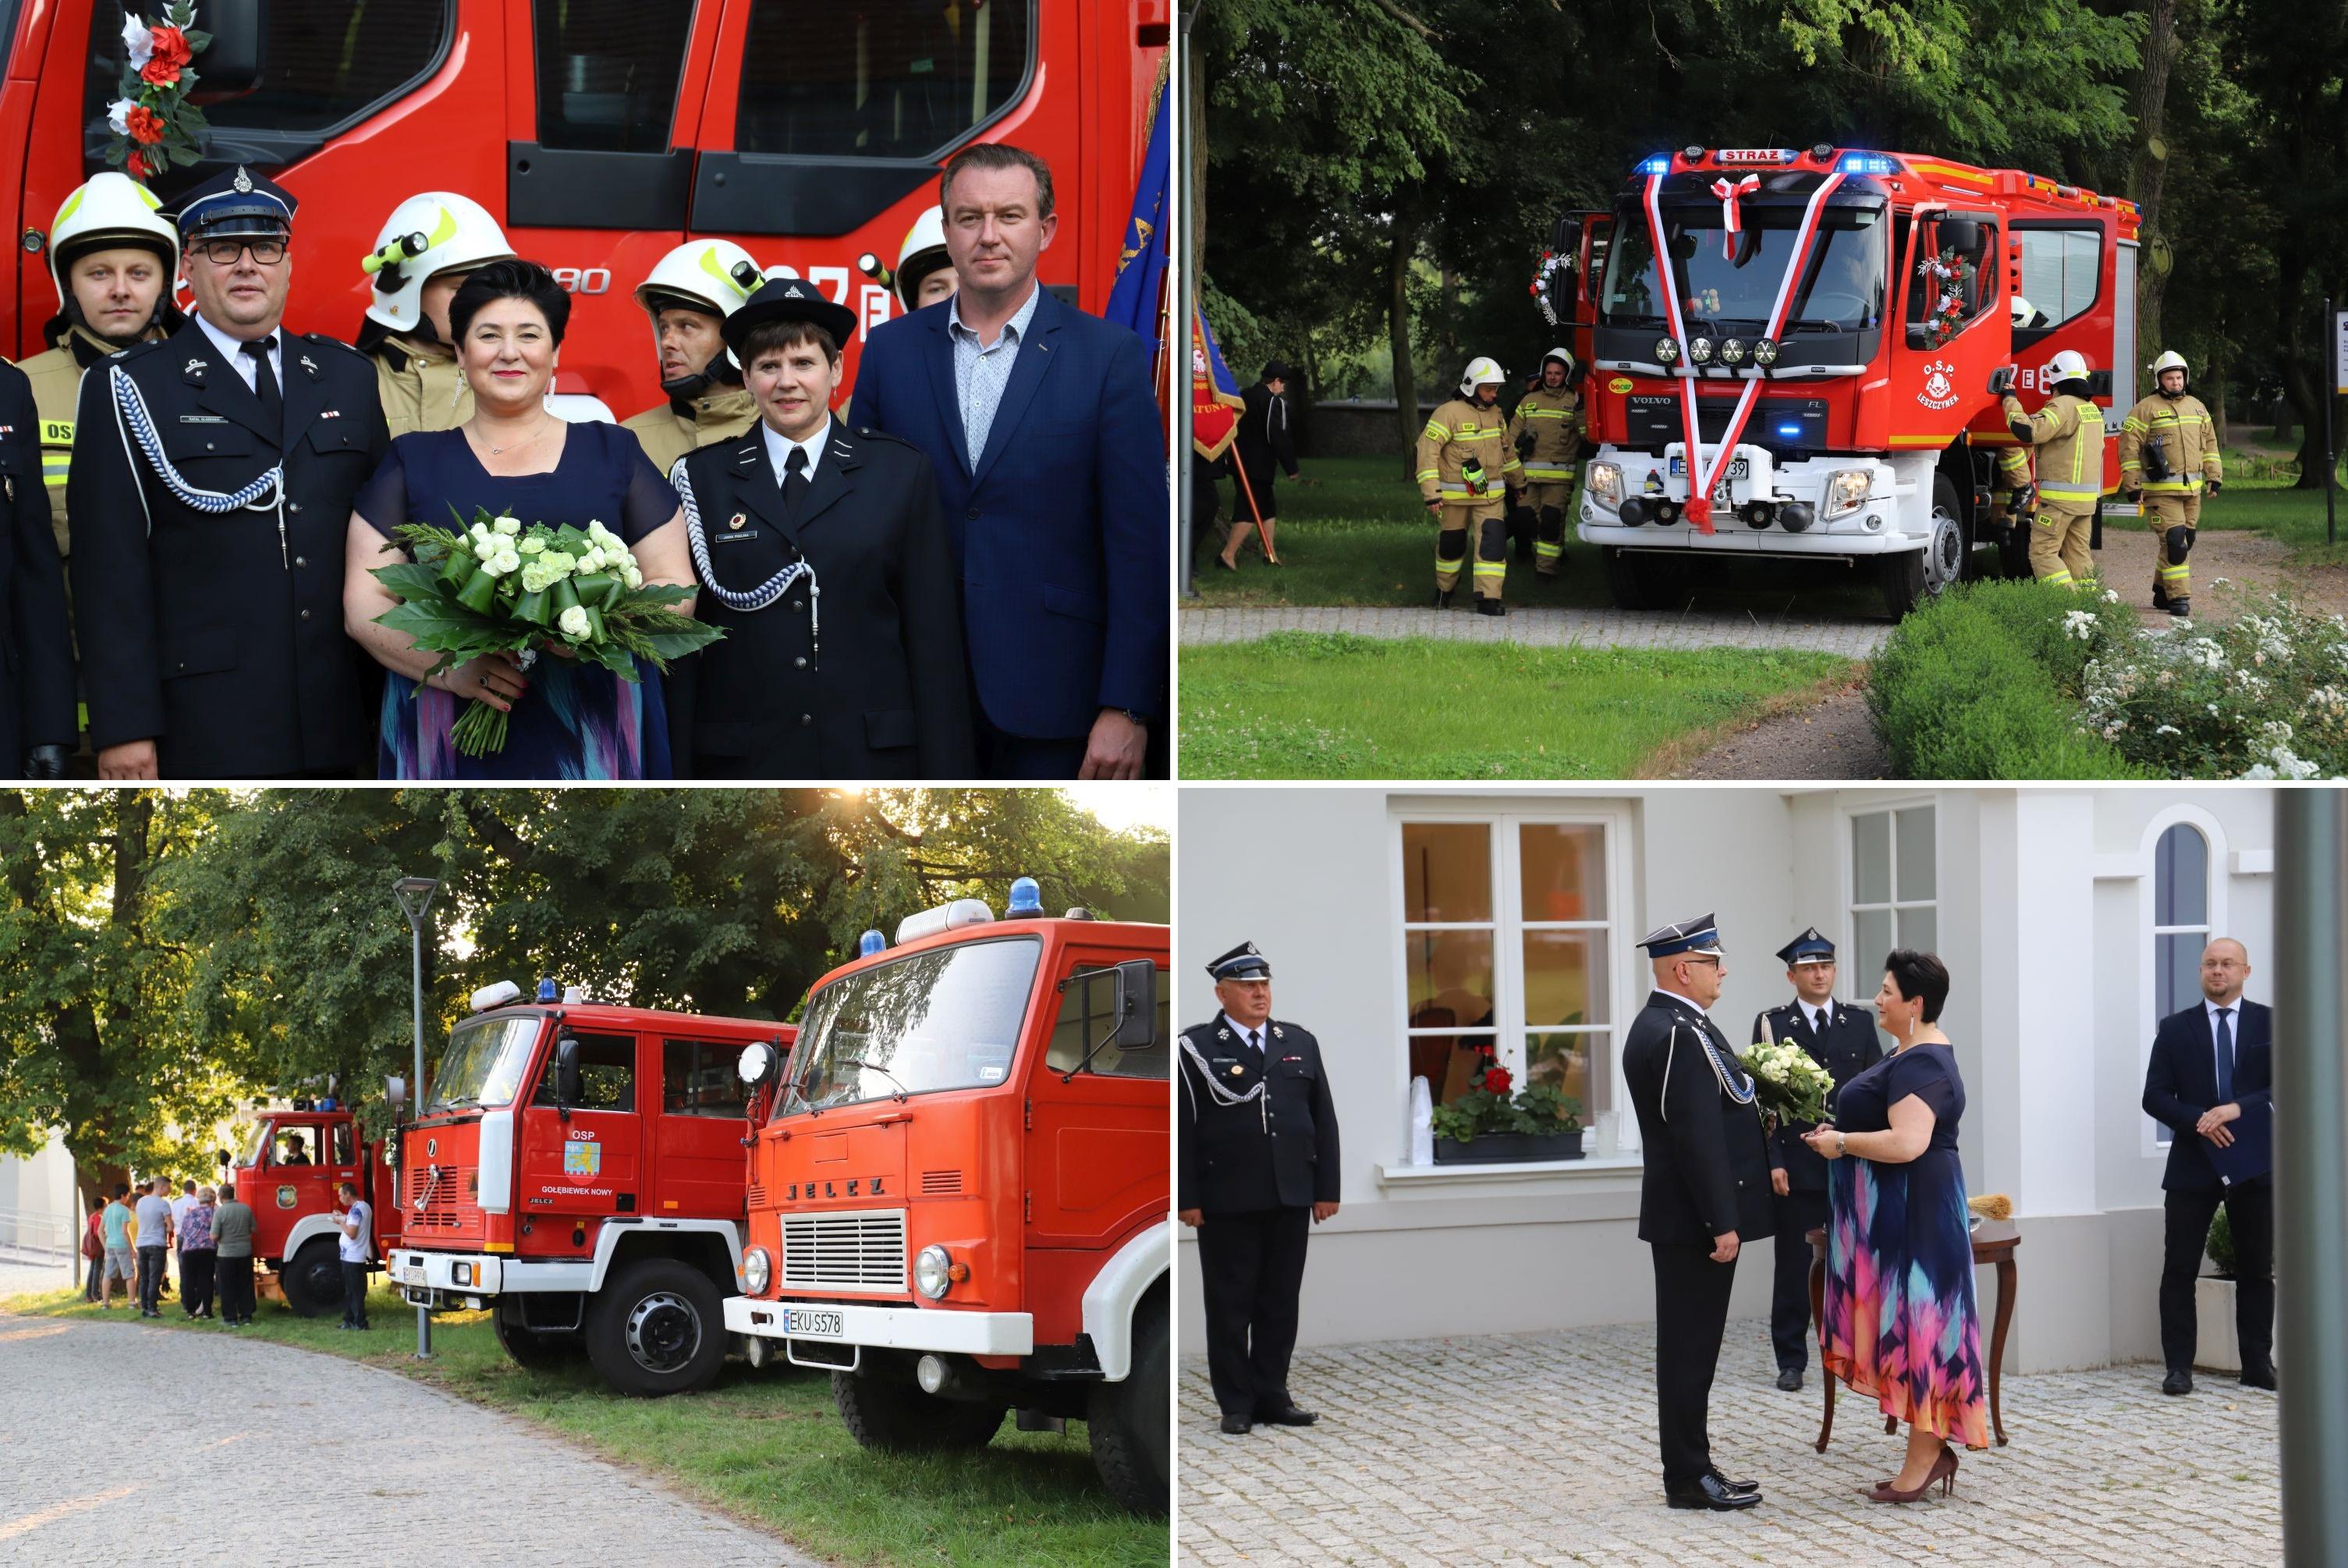 OSP z powiatu kutnowskiego z nowym wozem. Wielkie strażackie święto w Leszczynku [ZDJĘCIA] - Zdjęcie główne